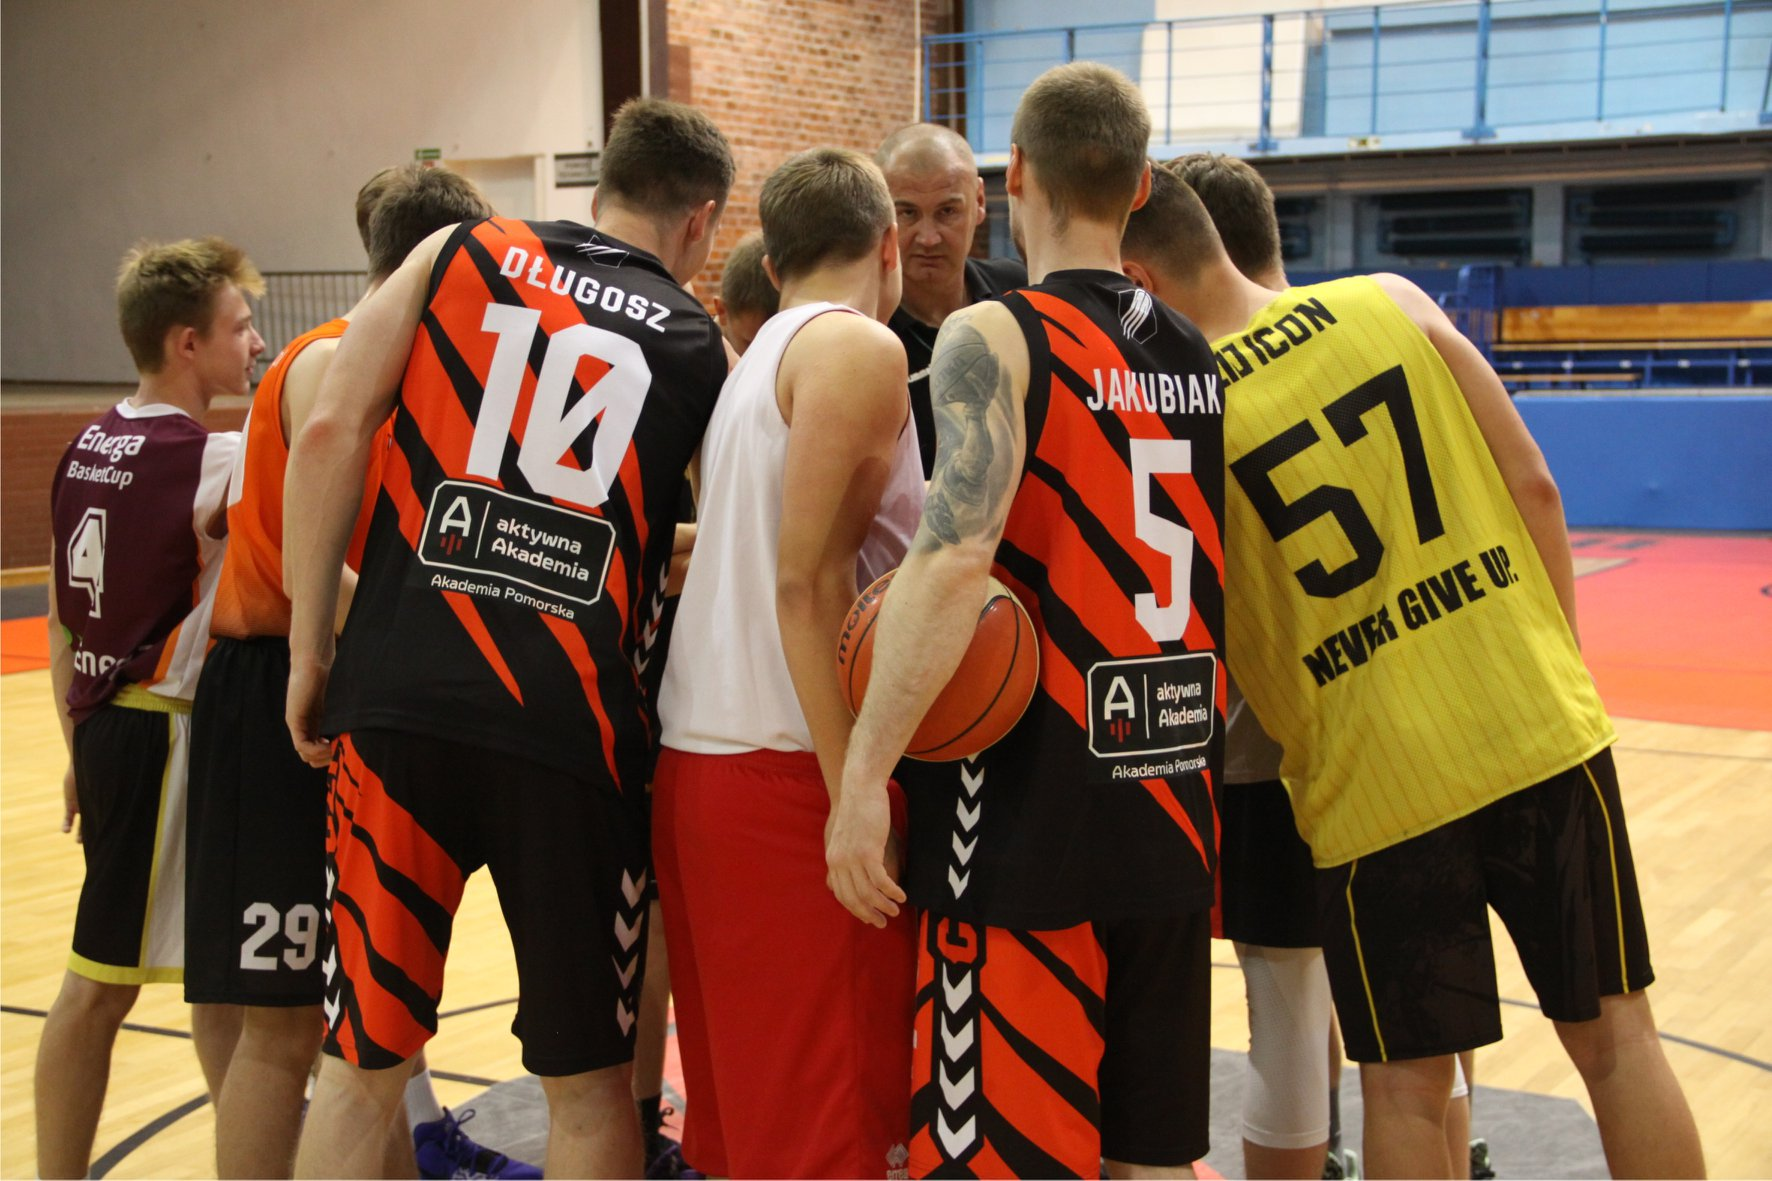 Aktywna Akademia Pomorska w Słupsku stawia na sport